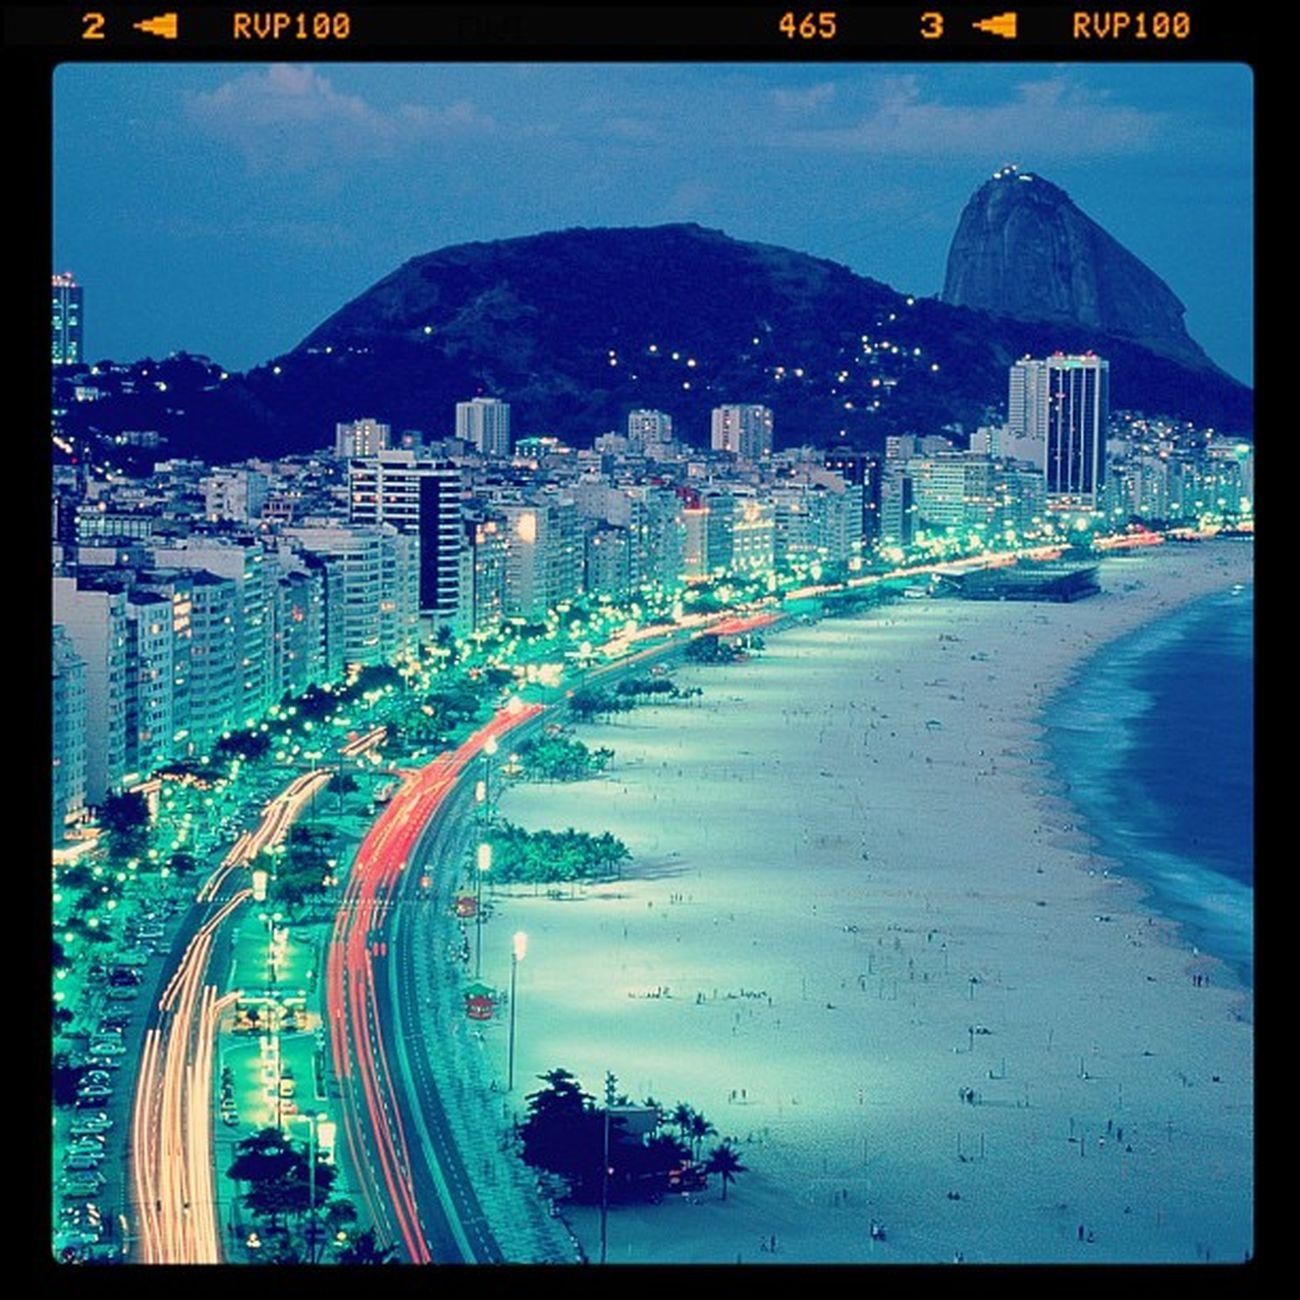 Nun bom lugar pra encontra Copacabana (8 Mariabethania saudades : /